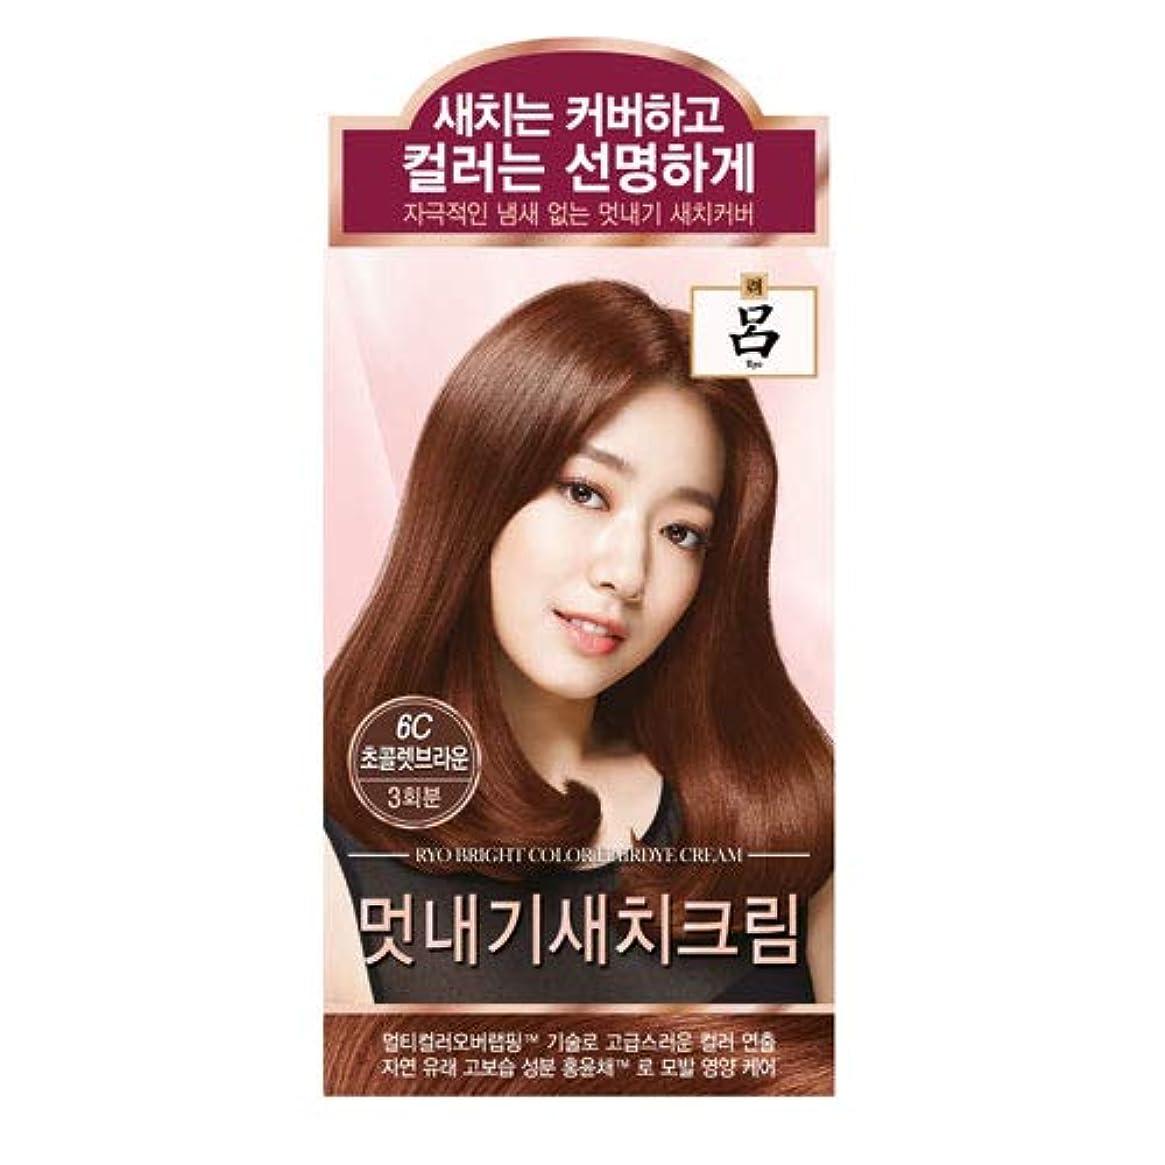 瞑想広げる松明アモーレパシフィック呂[AMOREPACIFIC/Ryo] ブライトカラーヘアアイクリーム 6C チョコレートブラウン/Bright Color Hairdye Cream 6C Chocolate Brown